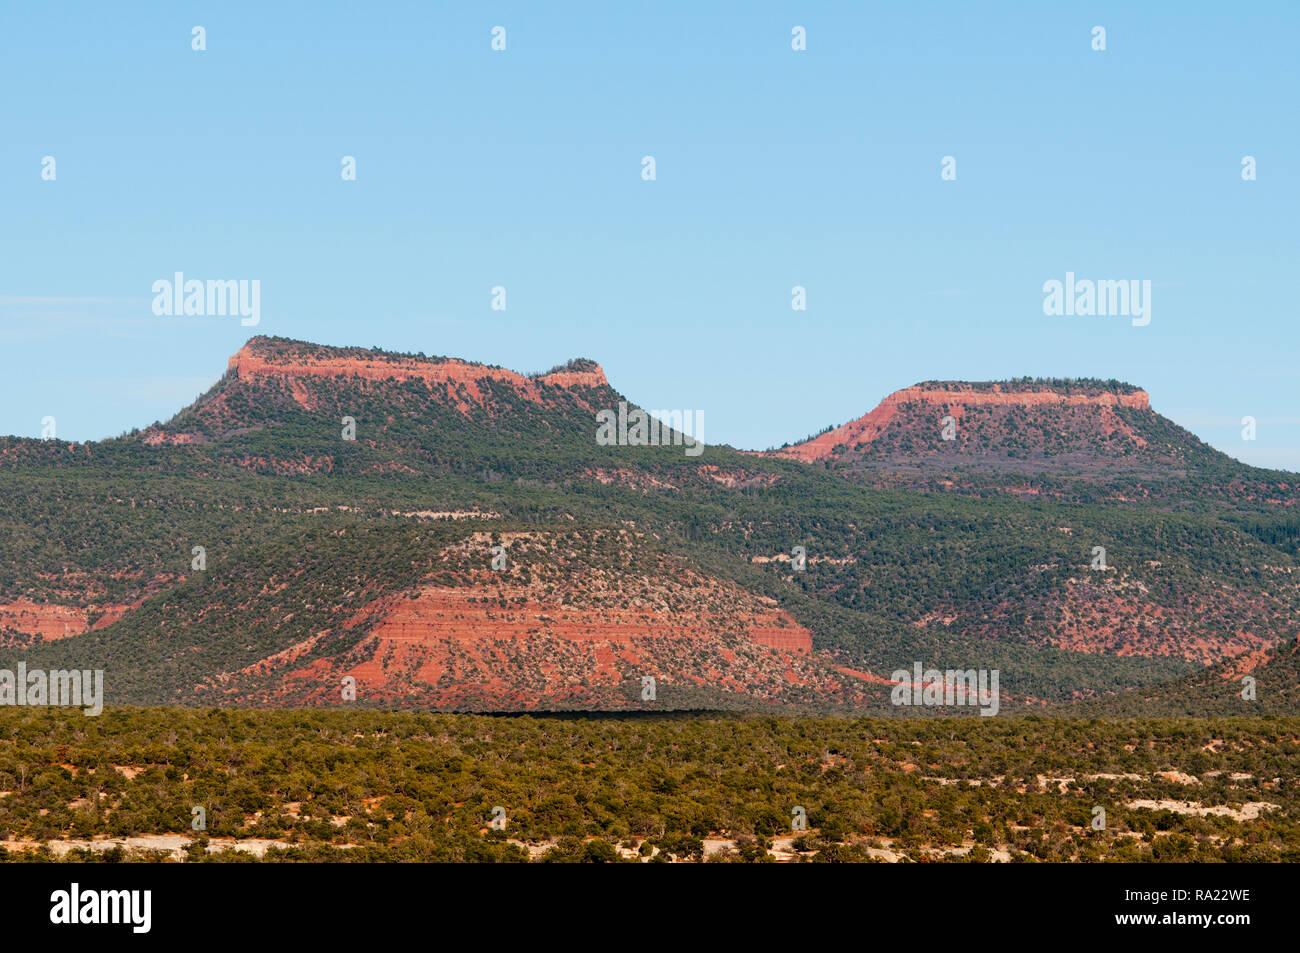 Tiene orejas de osos oídos Monumento Nacional en el condado de San Juan en el sureste de Utah, EE.UU. Imagen De Stock